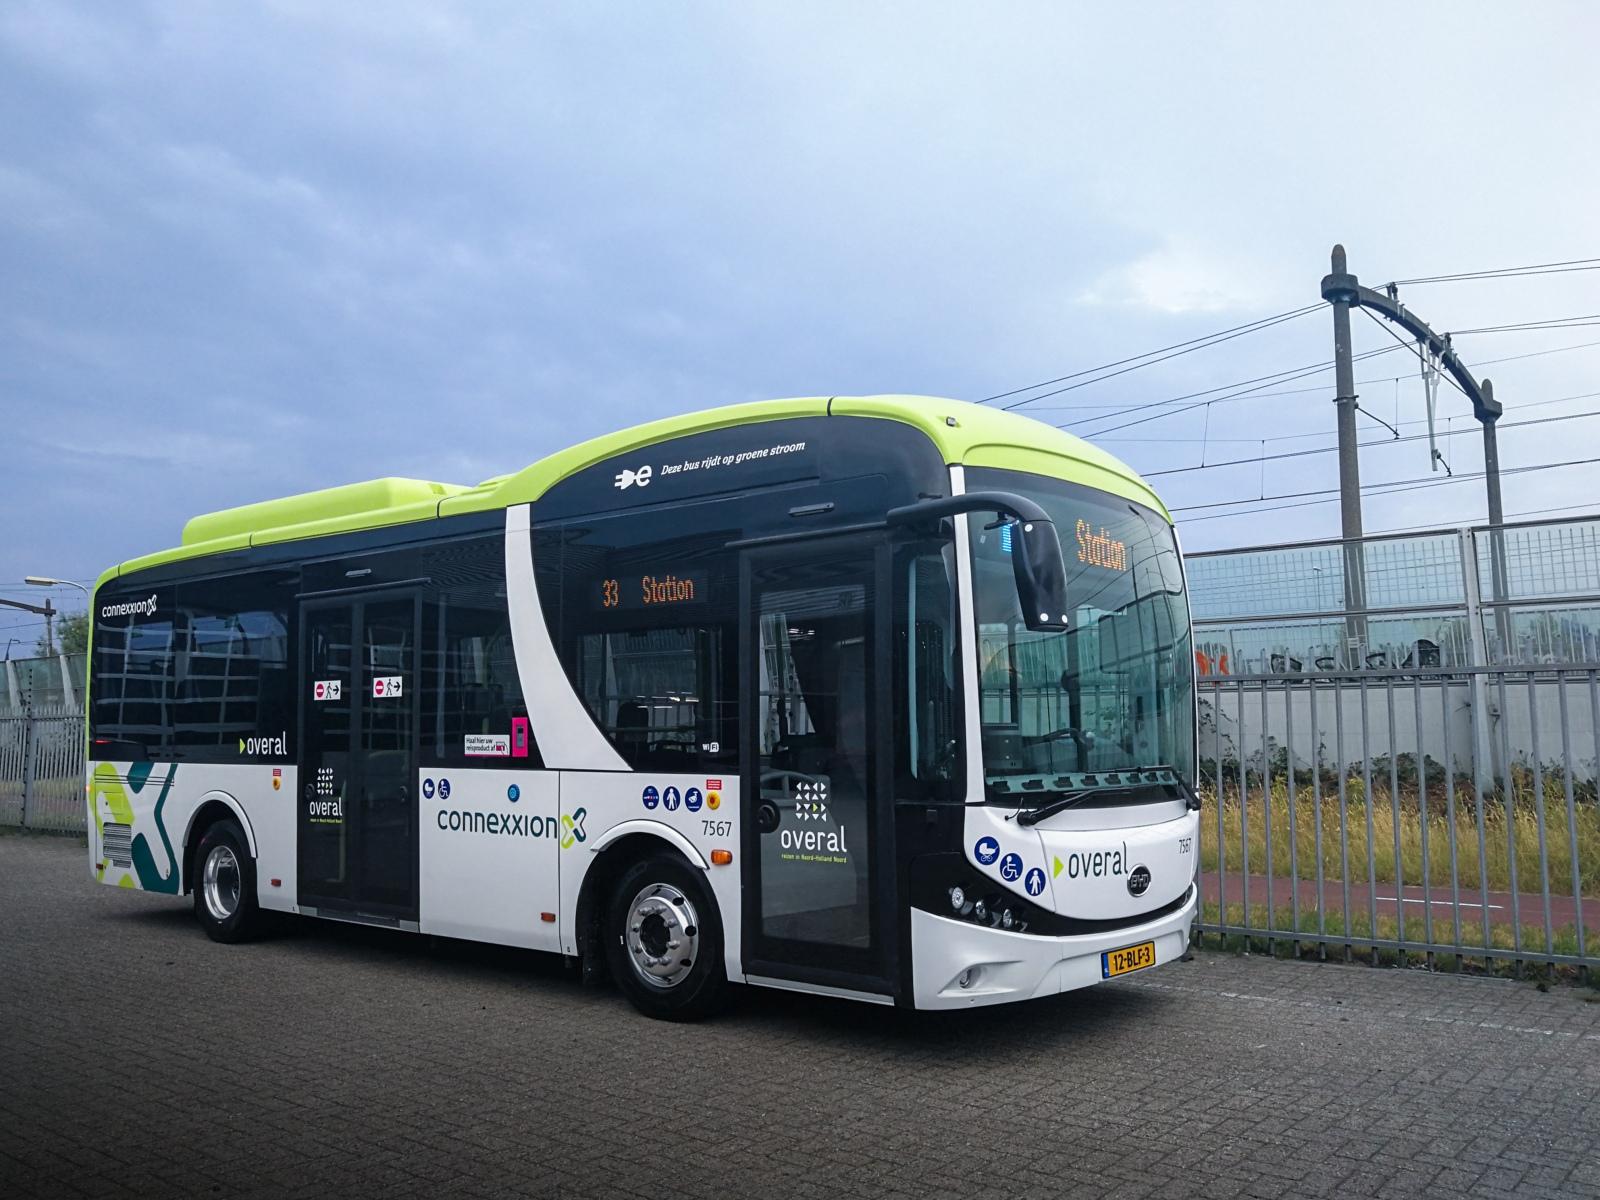 k8_7_meter_midi_bus.jpg